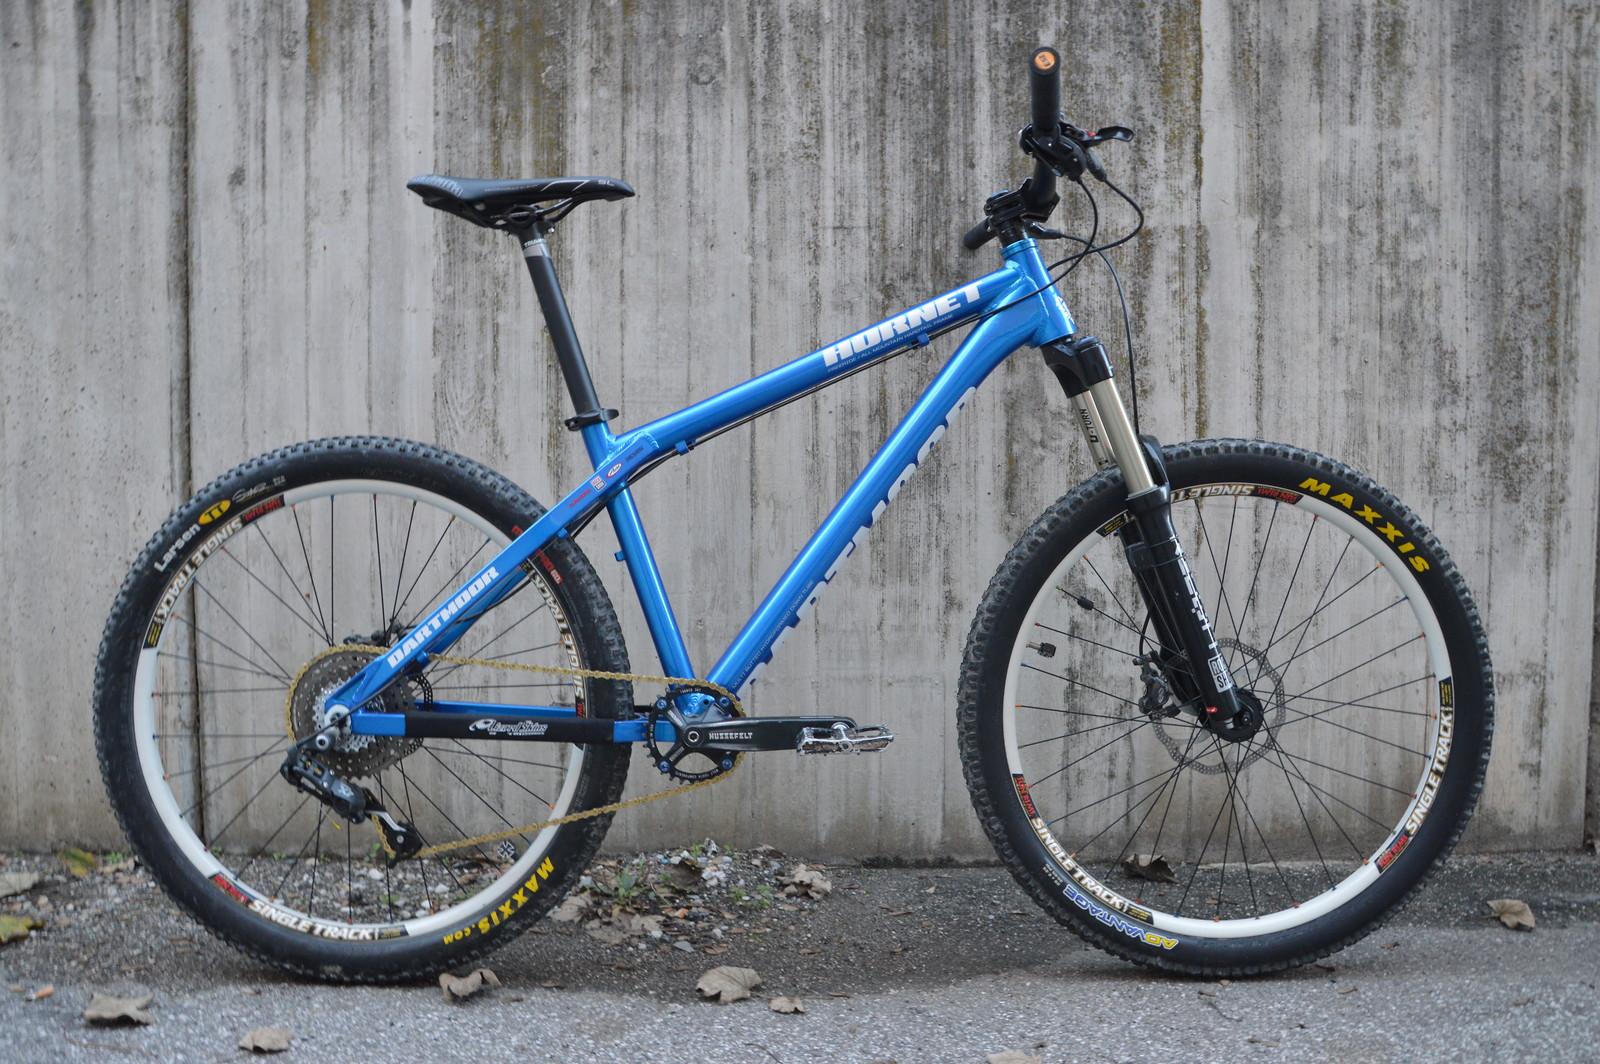 Dartmoor Hornet 2013 1x10 Federicoghini S Bike Check